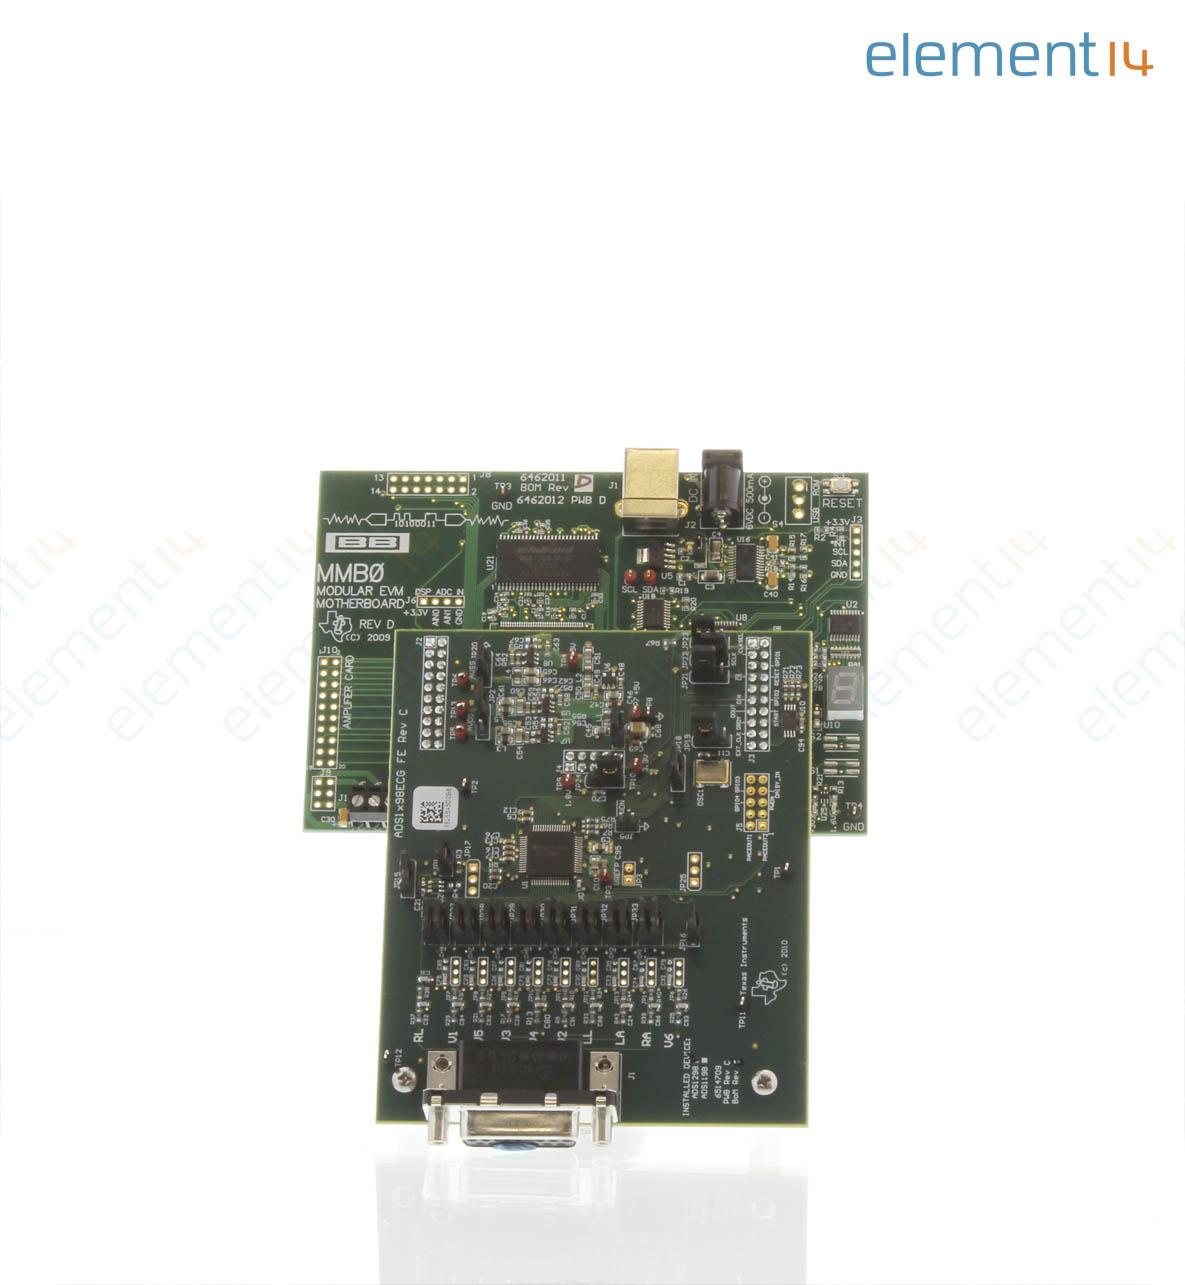 Performance Demonstration Kit, ADS1298 24-Bit Analog to Digital Converter,  ECG Front End